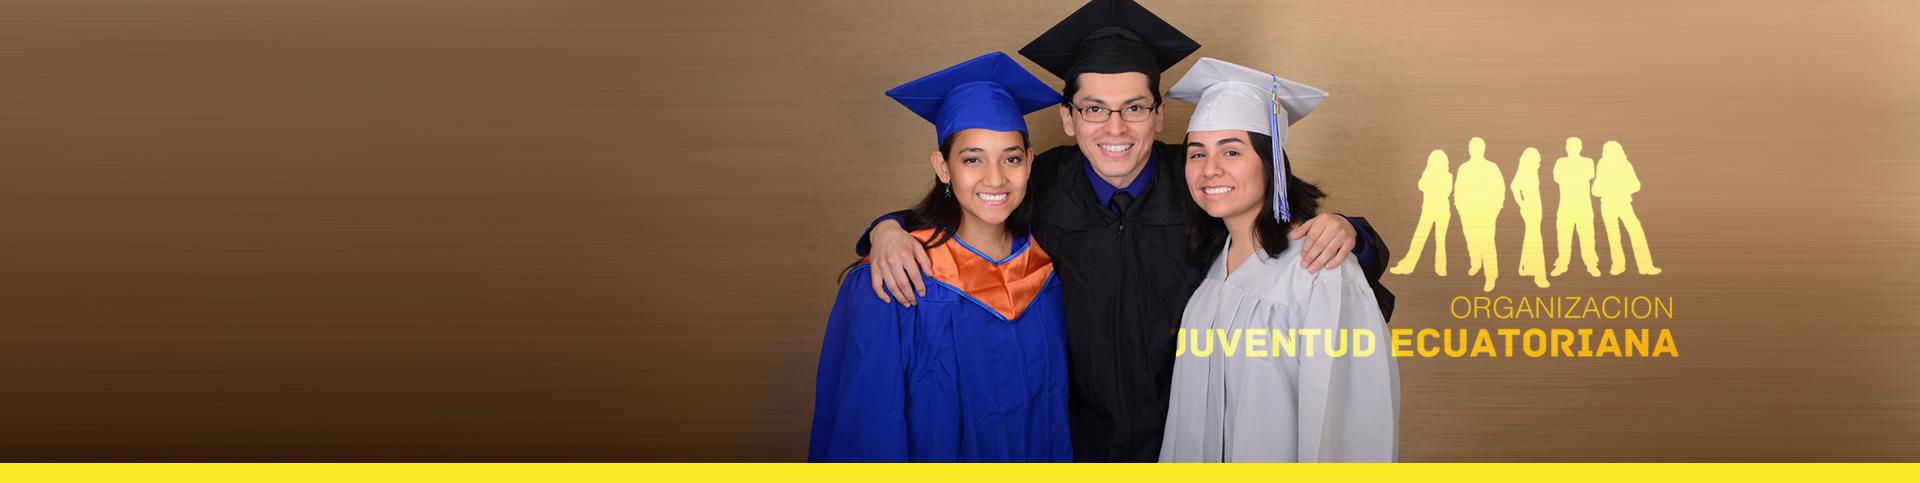 Ecuadorian Scholars Fund